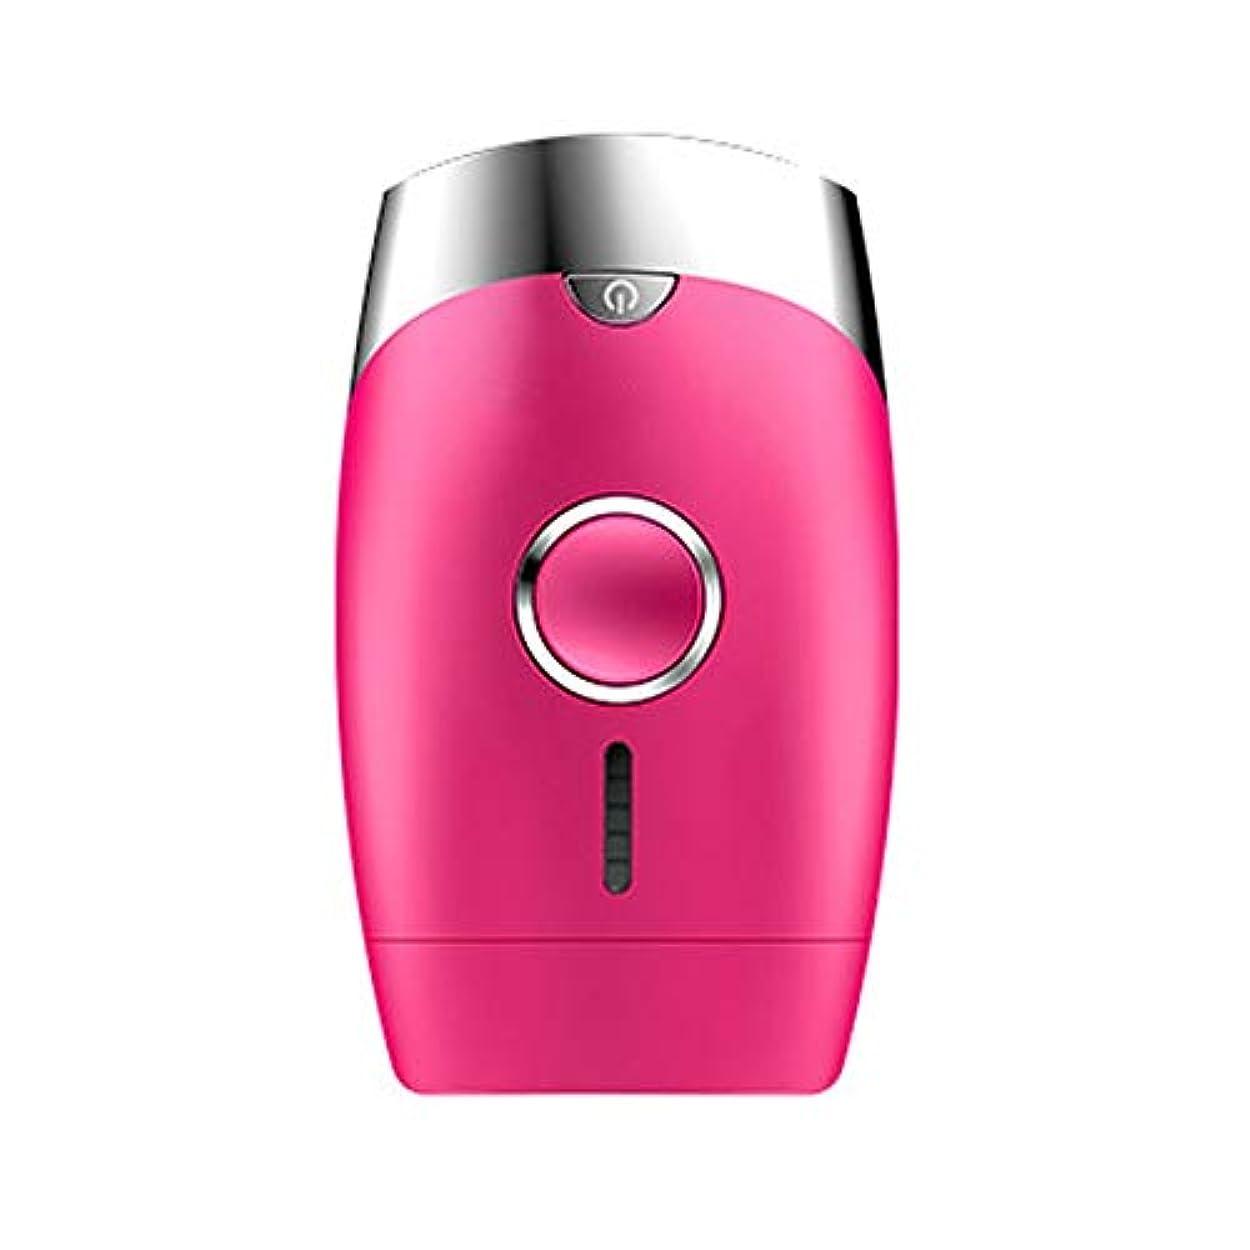 電気的プレビュー遡るNuanxin ピンク、5スピード調整、インテリジェント家庭用痛みのない凝固点ヘアリムーバー、シングルフラッシュ/連続フラッシュ、サイズ13.9 X 8.3 X 4.8 Cm F30 (Color : Pink)